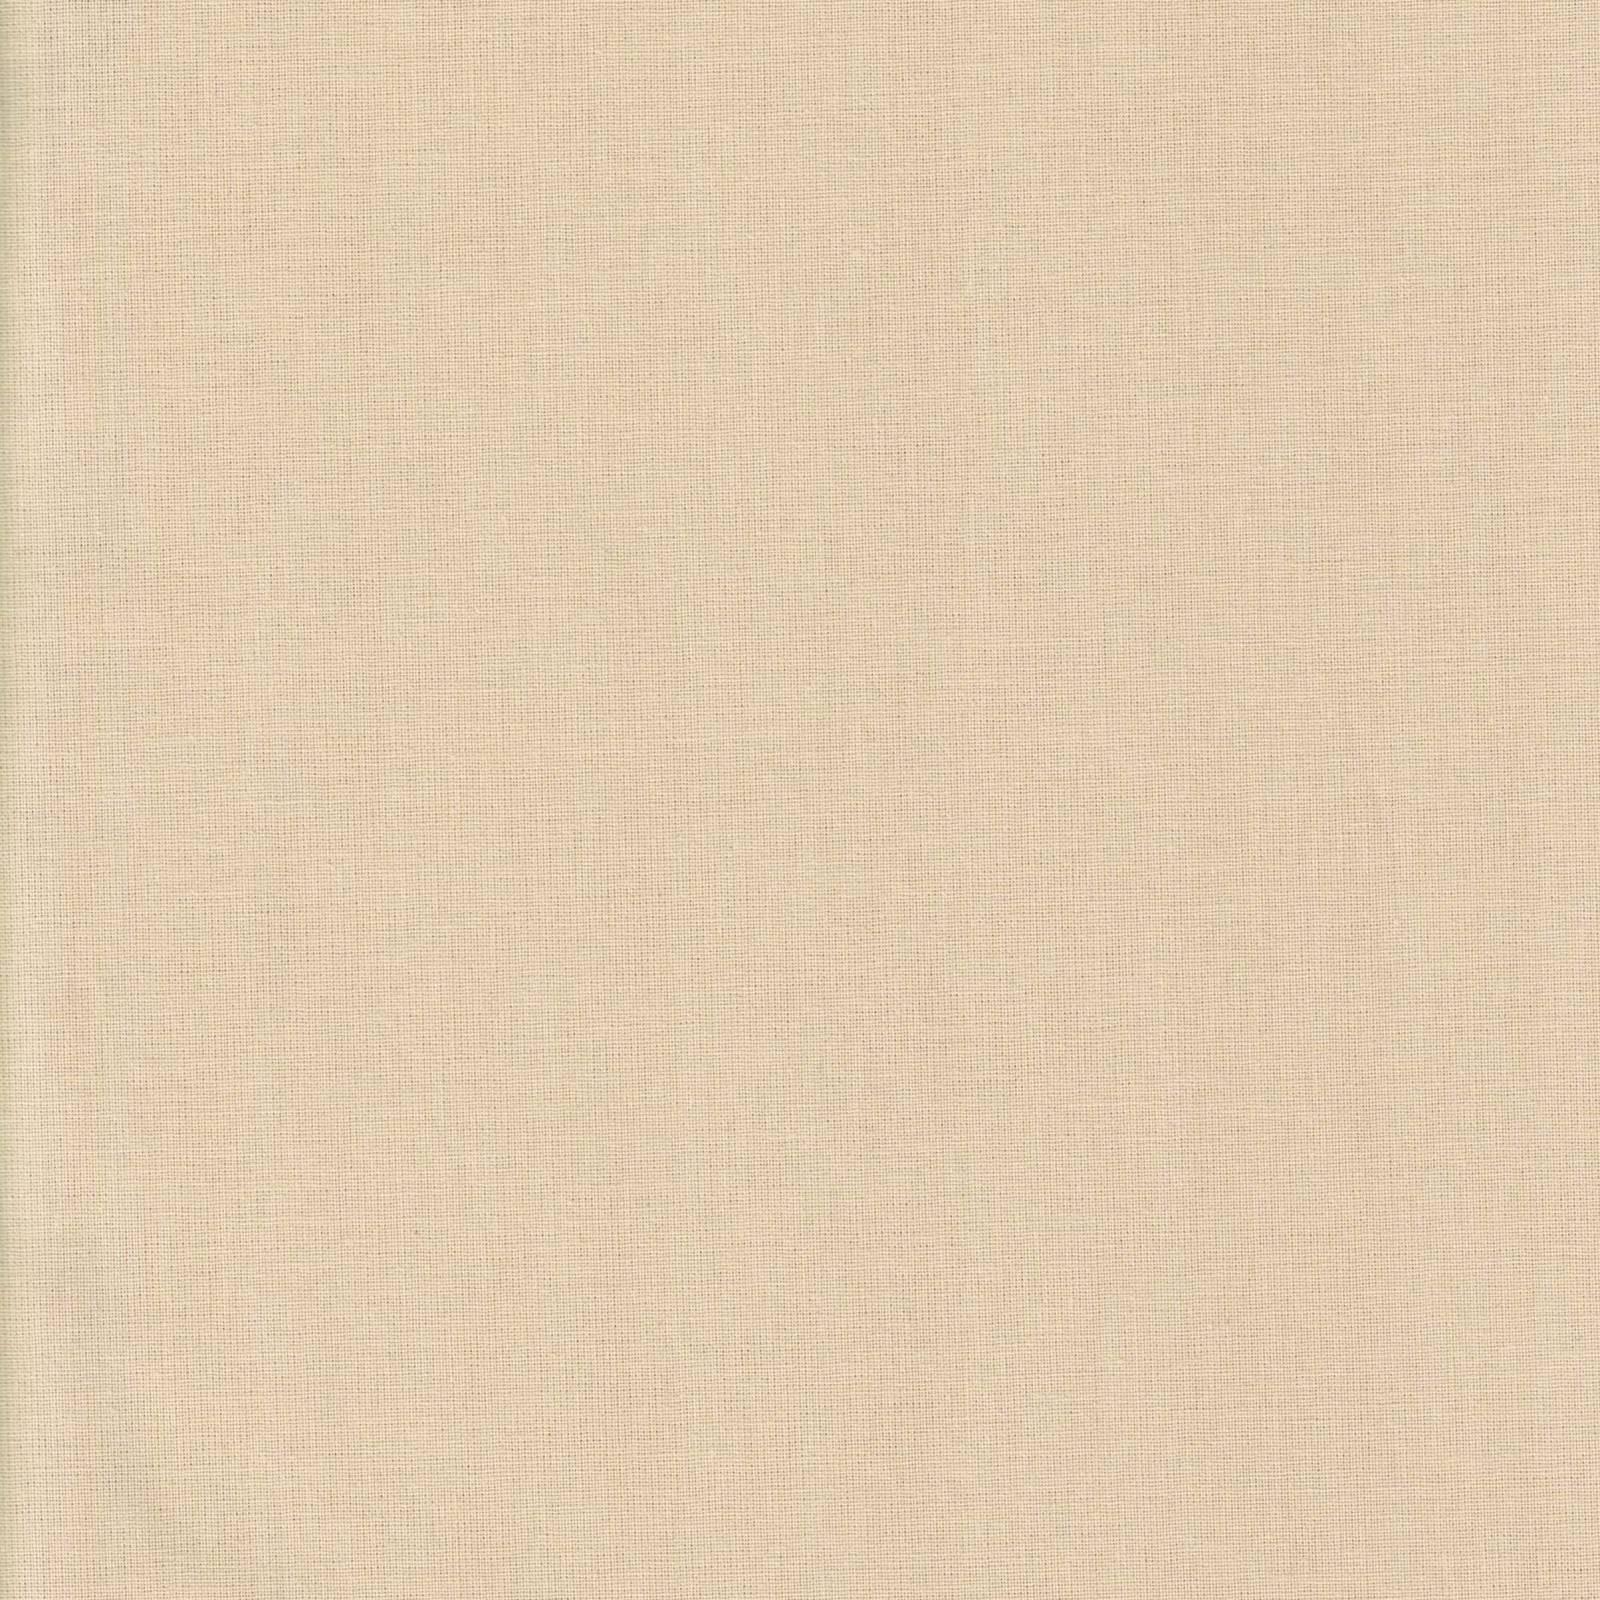 Tecido de algodão tons de pele cor bege claro Ref. ALGPE cor 02 Fernando Maluhy - Armarinhos Nodari